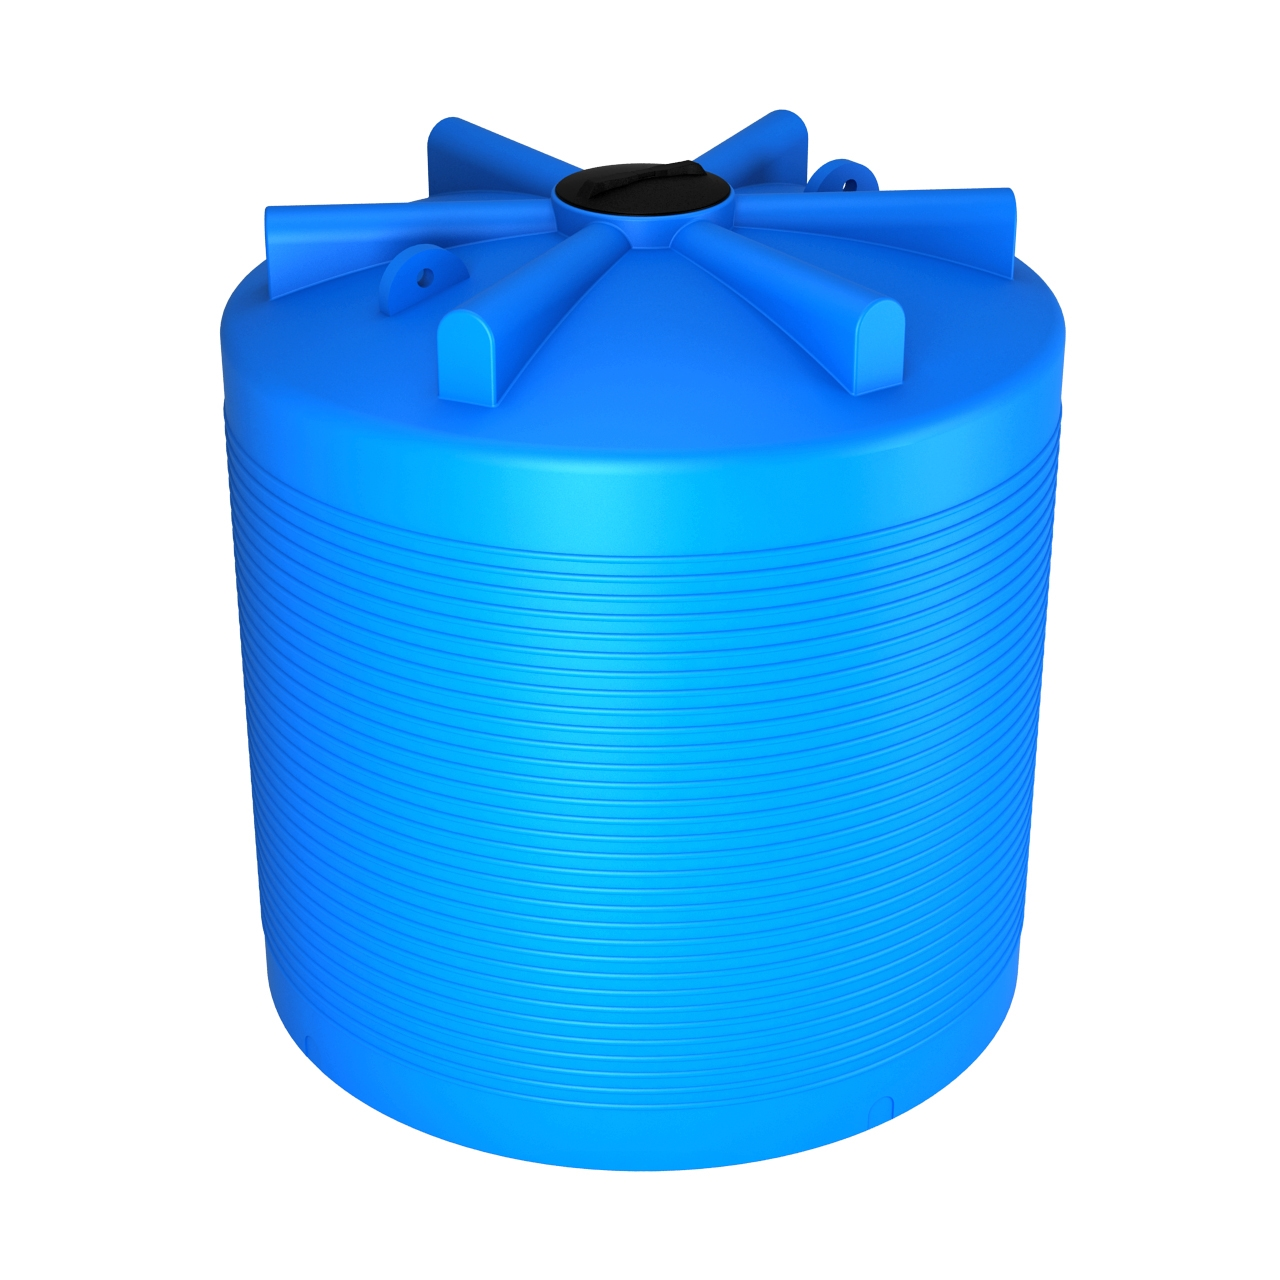 Пластиковая емкость ЭВЛ 7500 литров 1